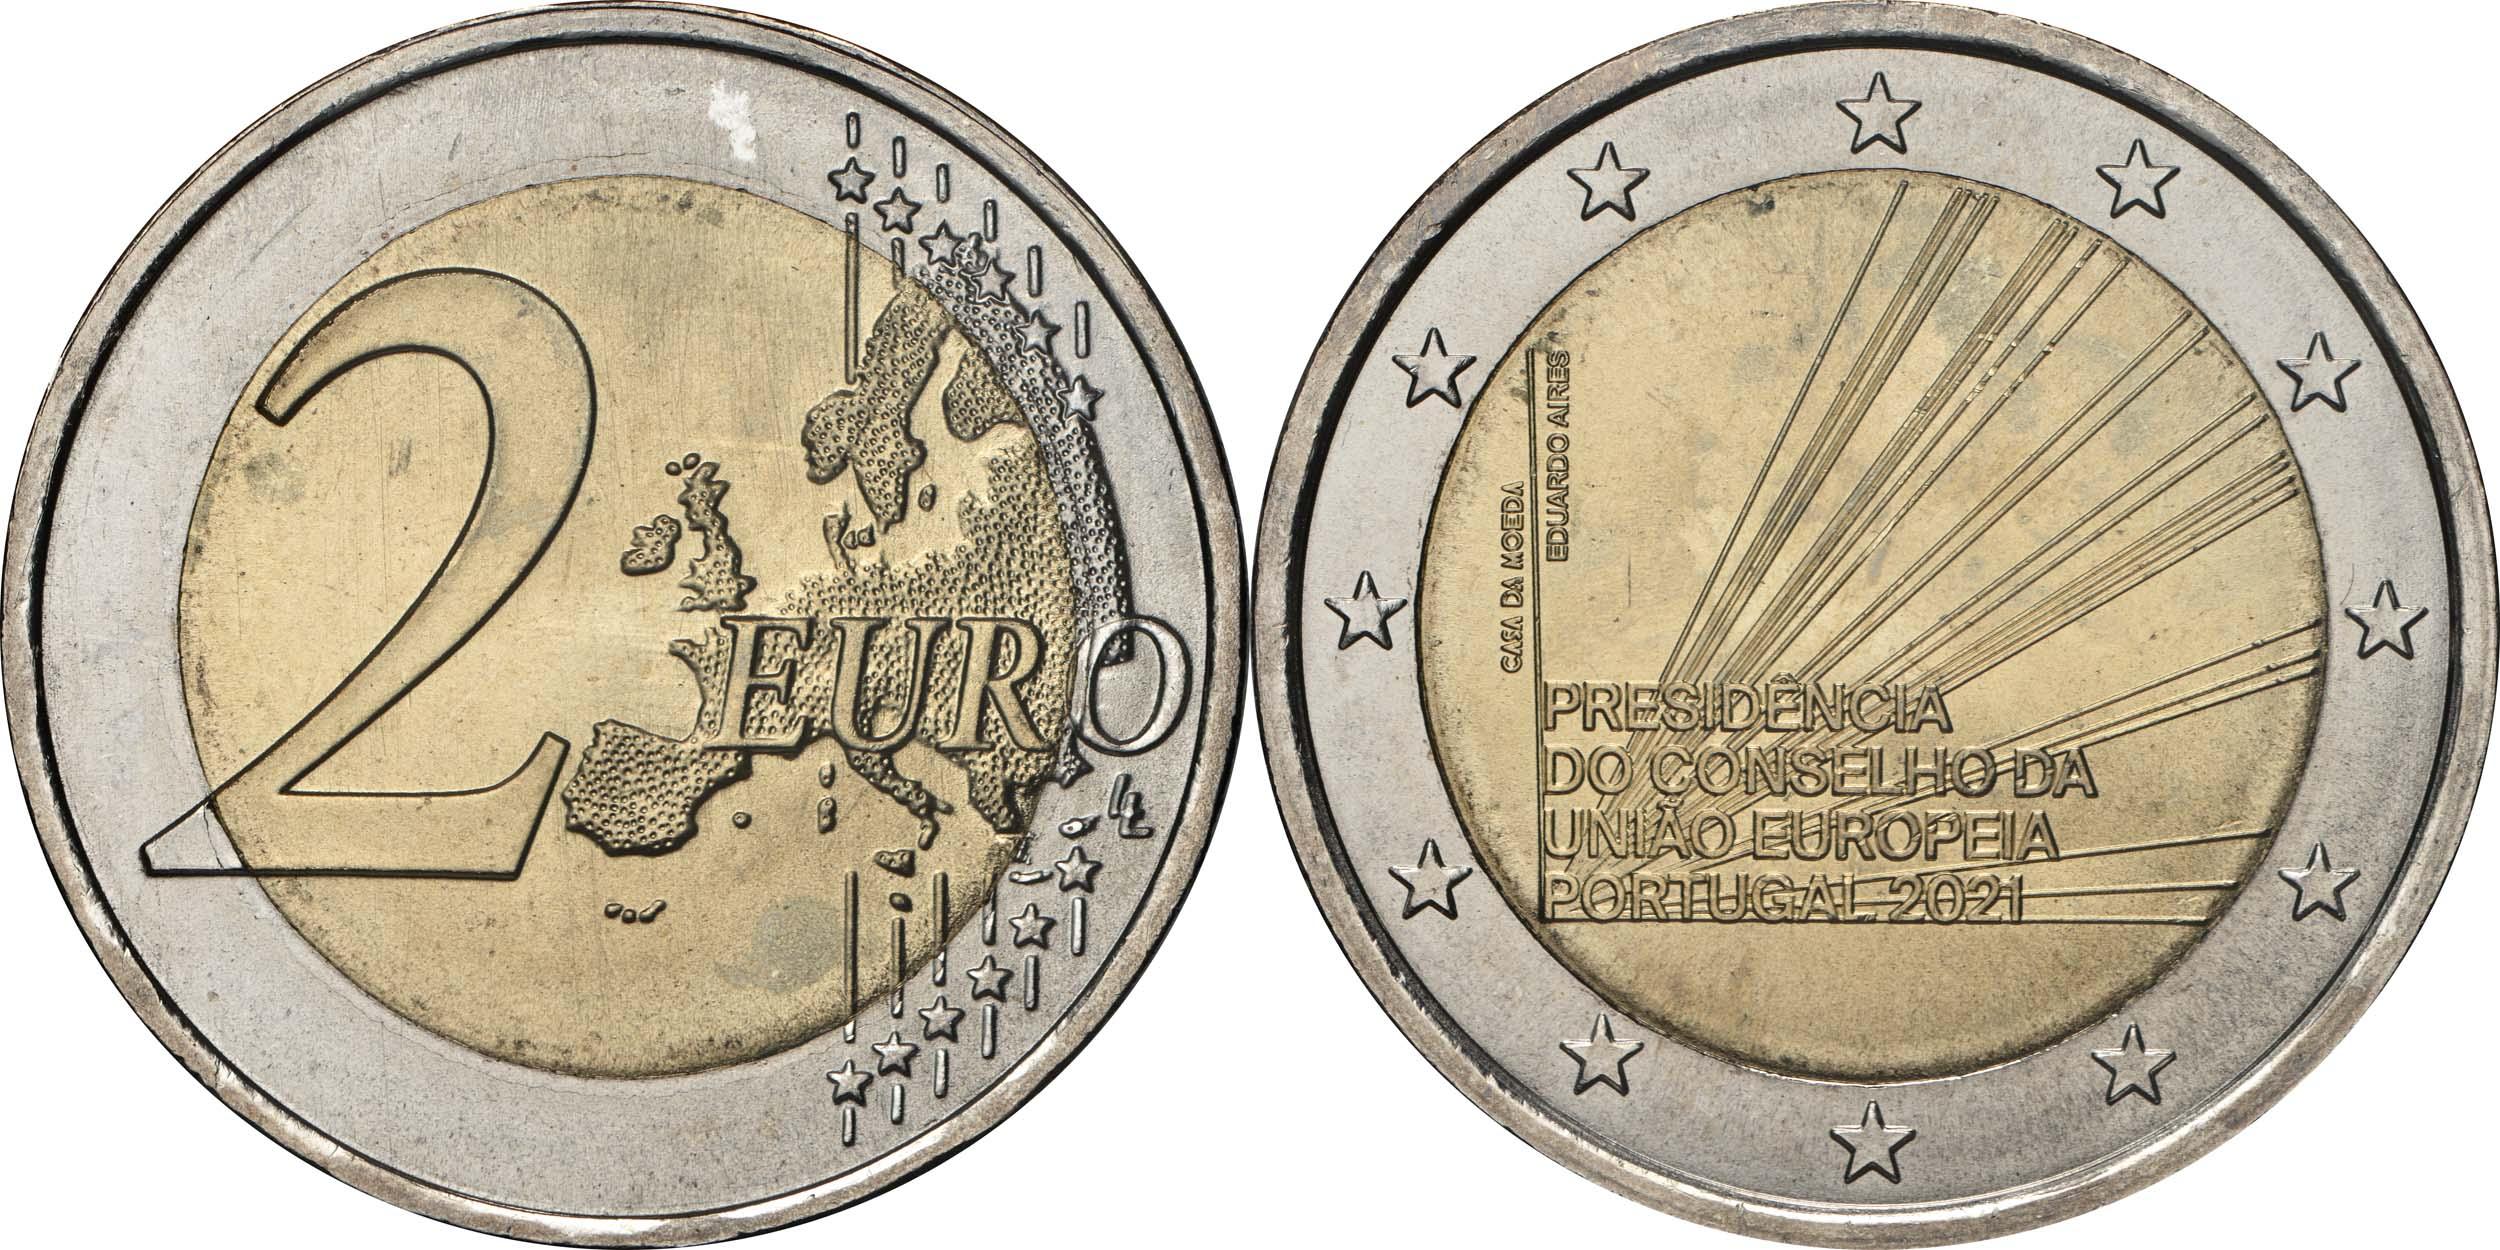 Lieferumfang:Portugal : 2 Euro EU-Präsidentschaft  2021 bfr